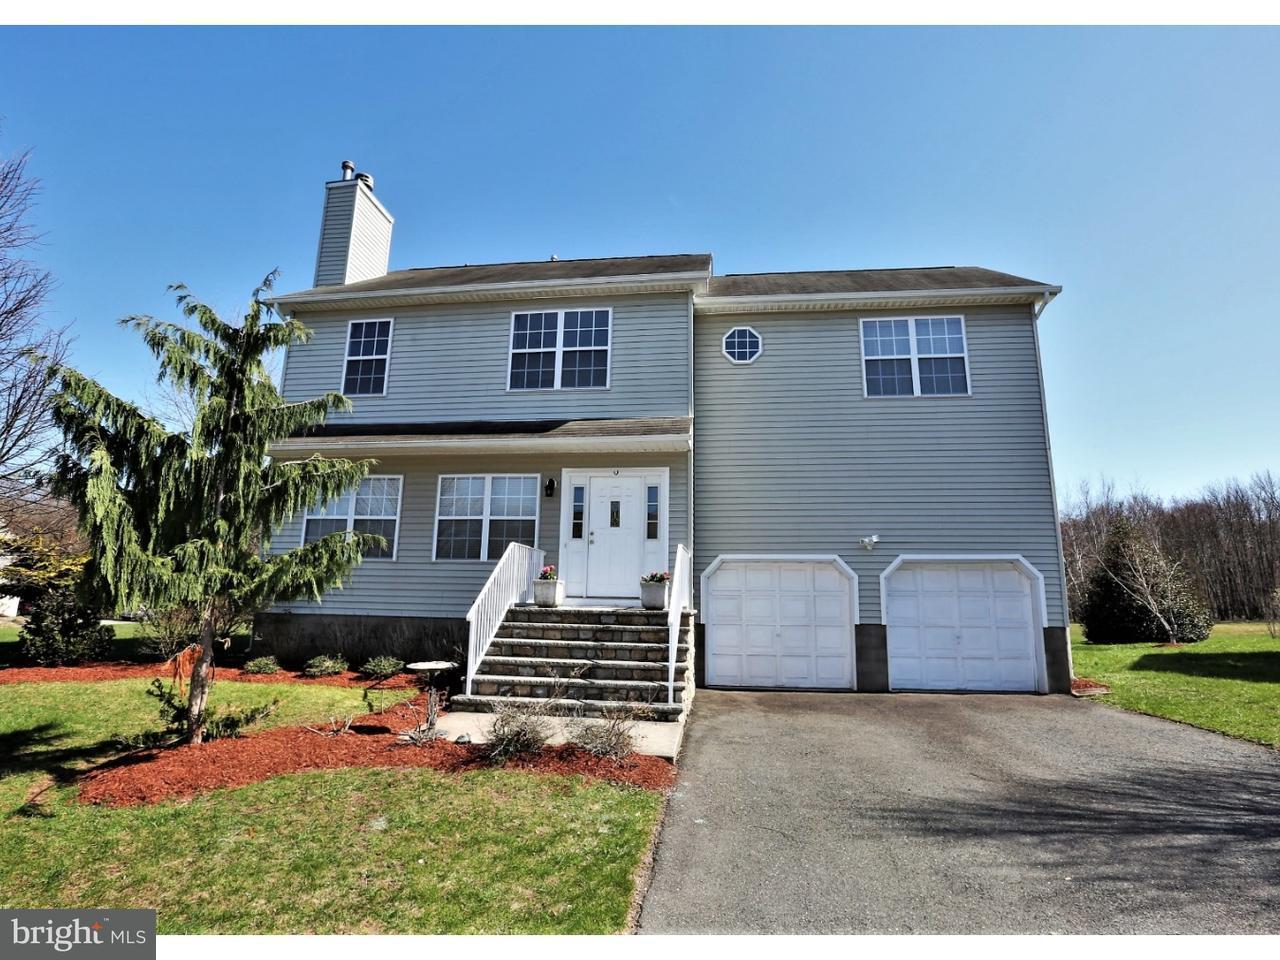 Частный односемейный дом для того Продажа на 68 JARED BLVD Kendall Park, Нью-Джерси 08824 Соединенные ШтатыВ/Около: South Brunswick Township